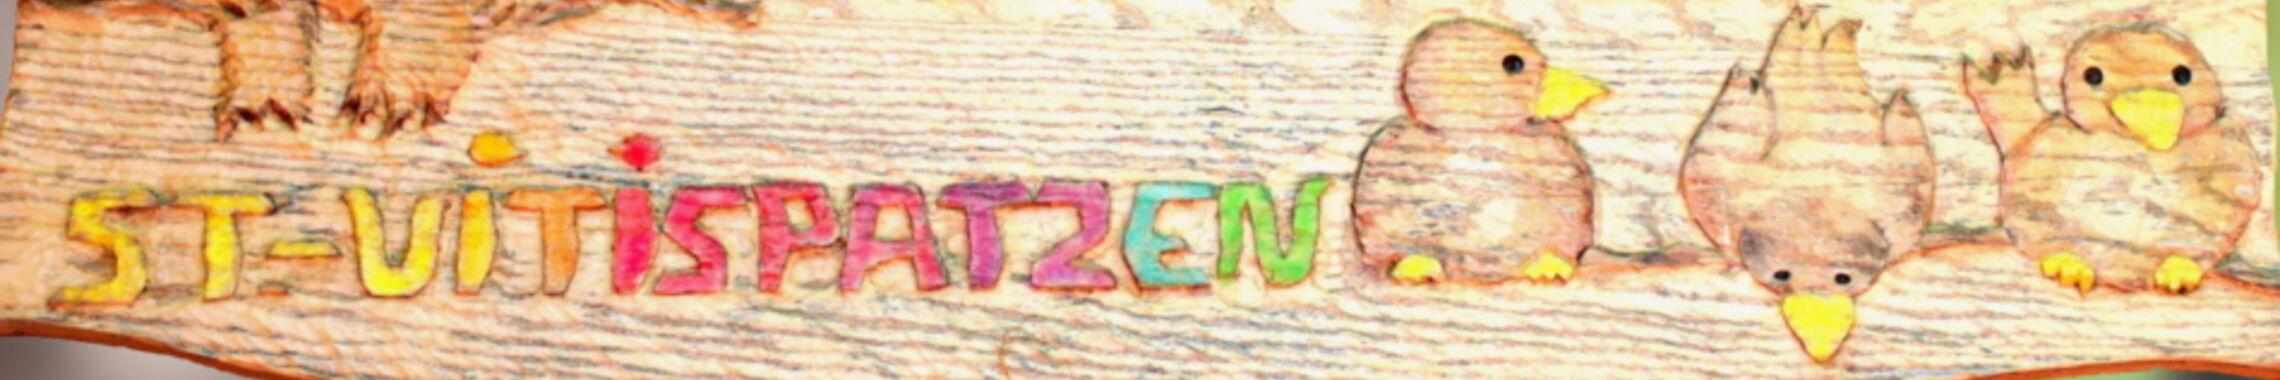 Kopfgrafik Schild mit Spatzen wbo